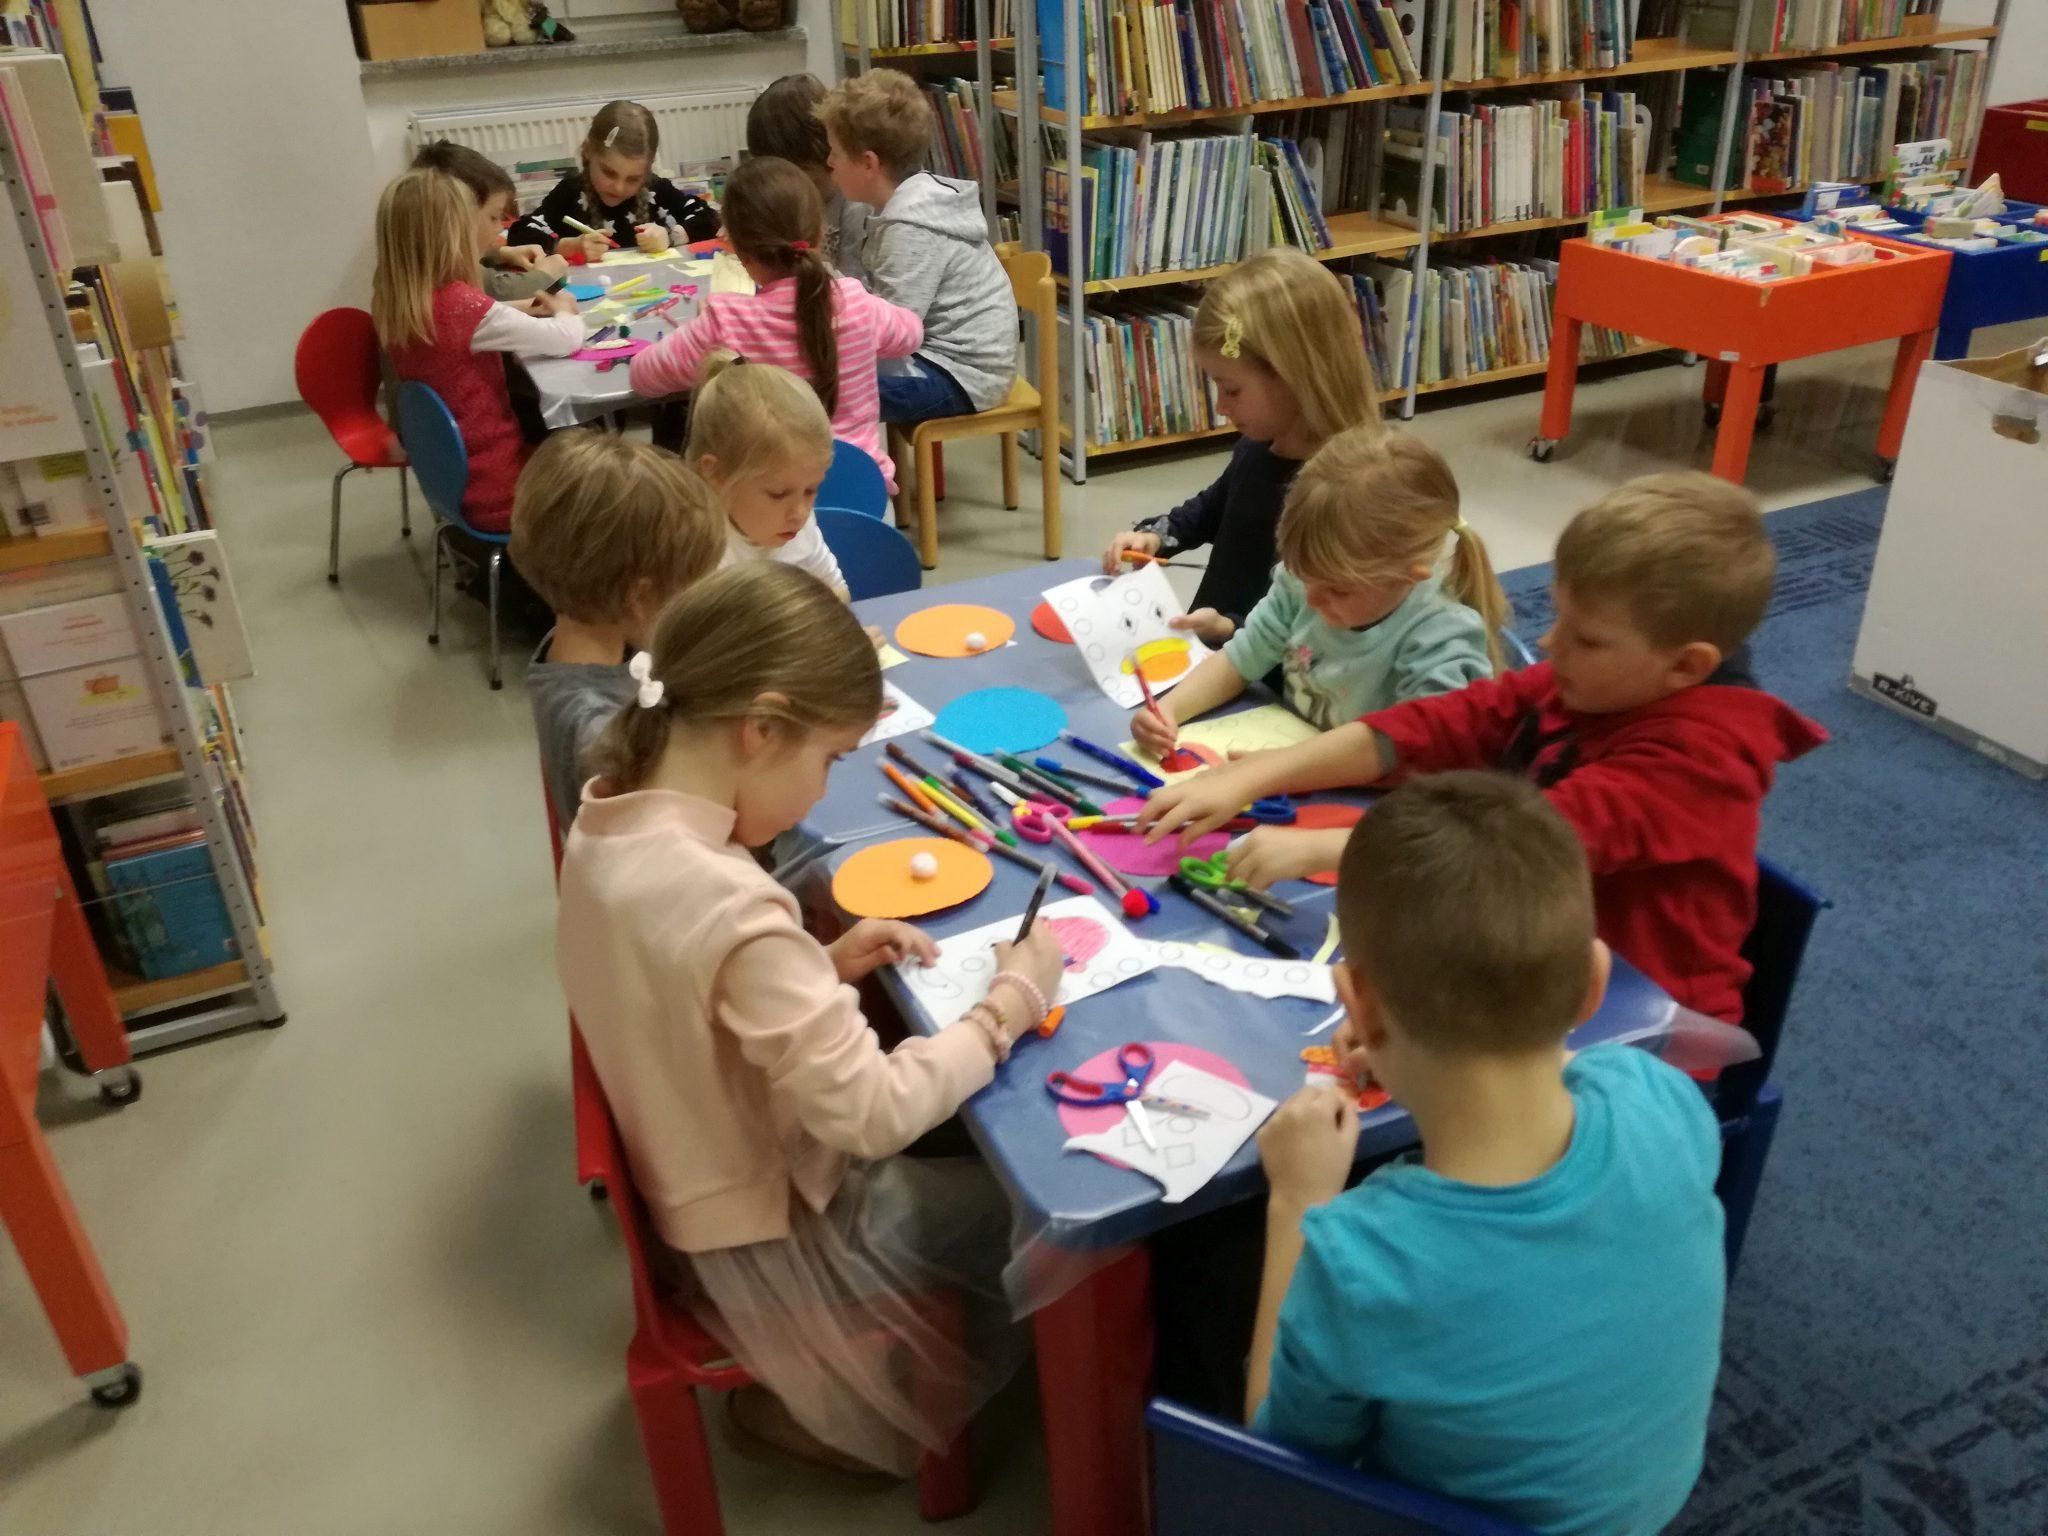 IMG 20180215 175120 - Ena okrogla pravljična urica z ustvarjalno delavnico za otroke od 4. leta dalje